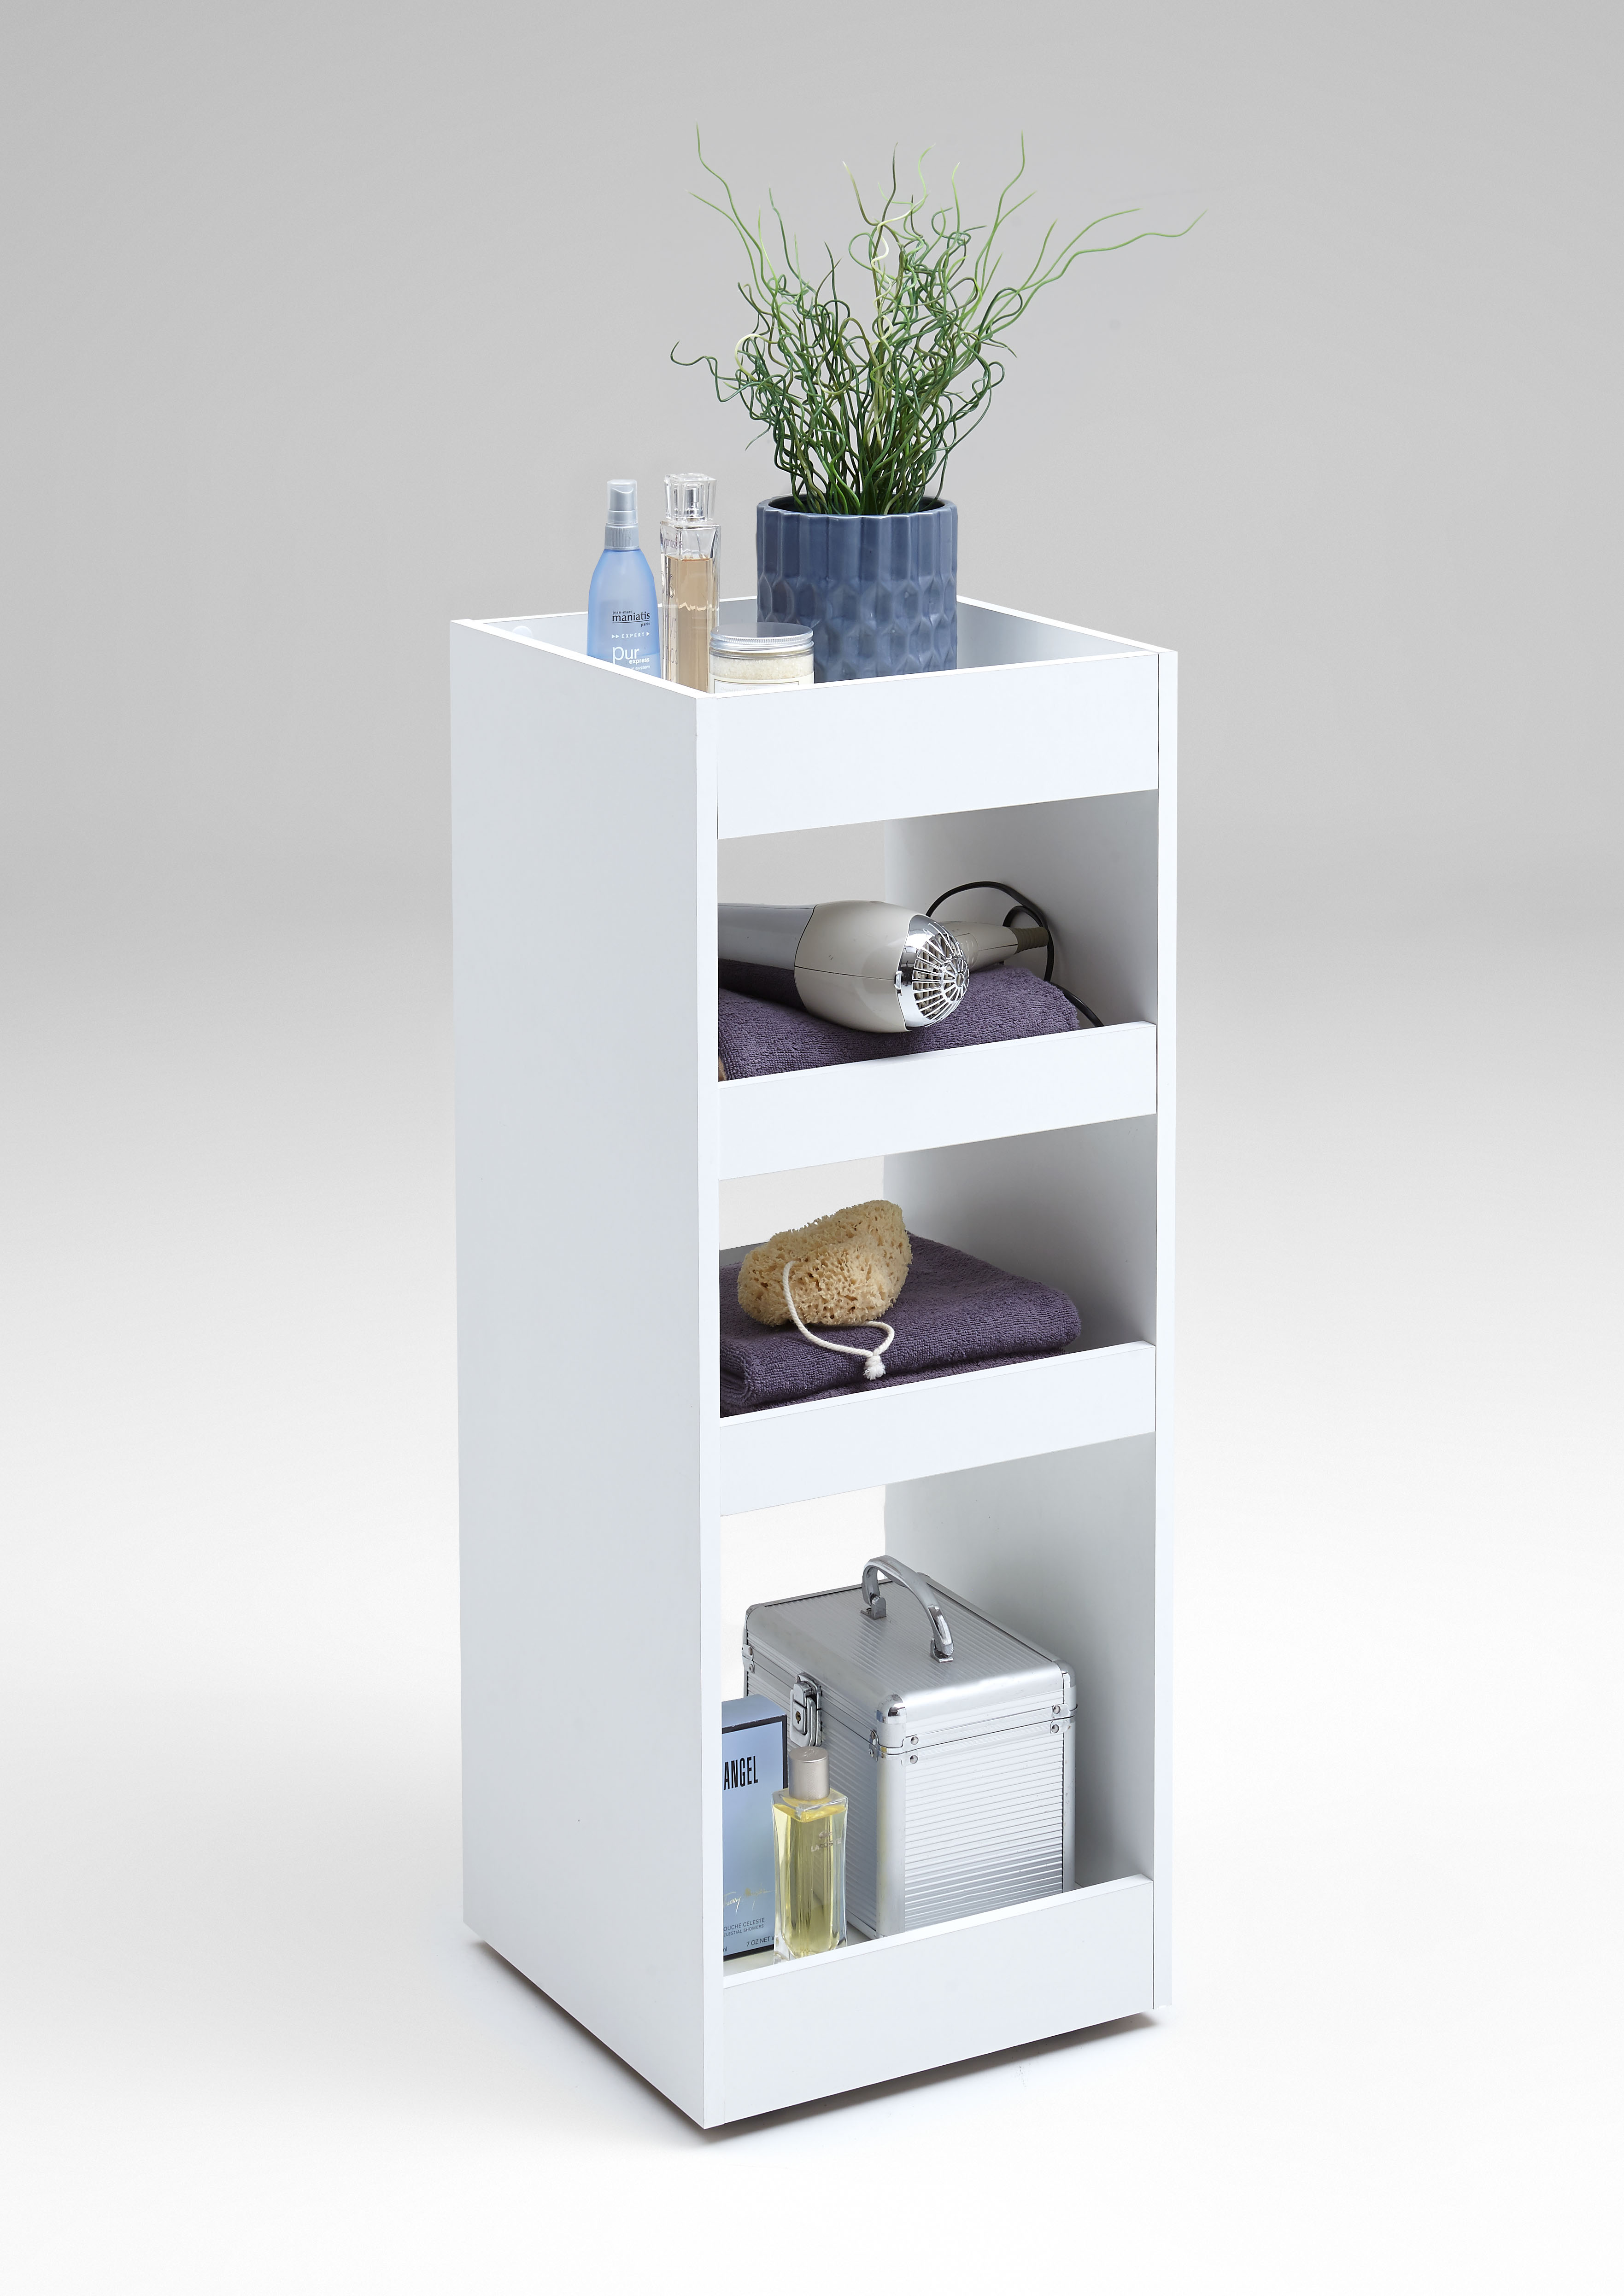 fmd rollregal cordoba 2 regal beistellschrank auf rollen. Black Bedroom Furniture Sets. Home Design Ideas